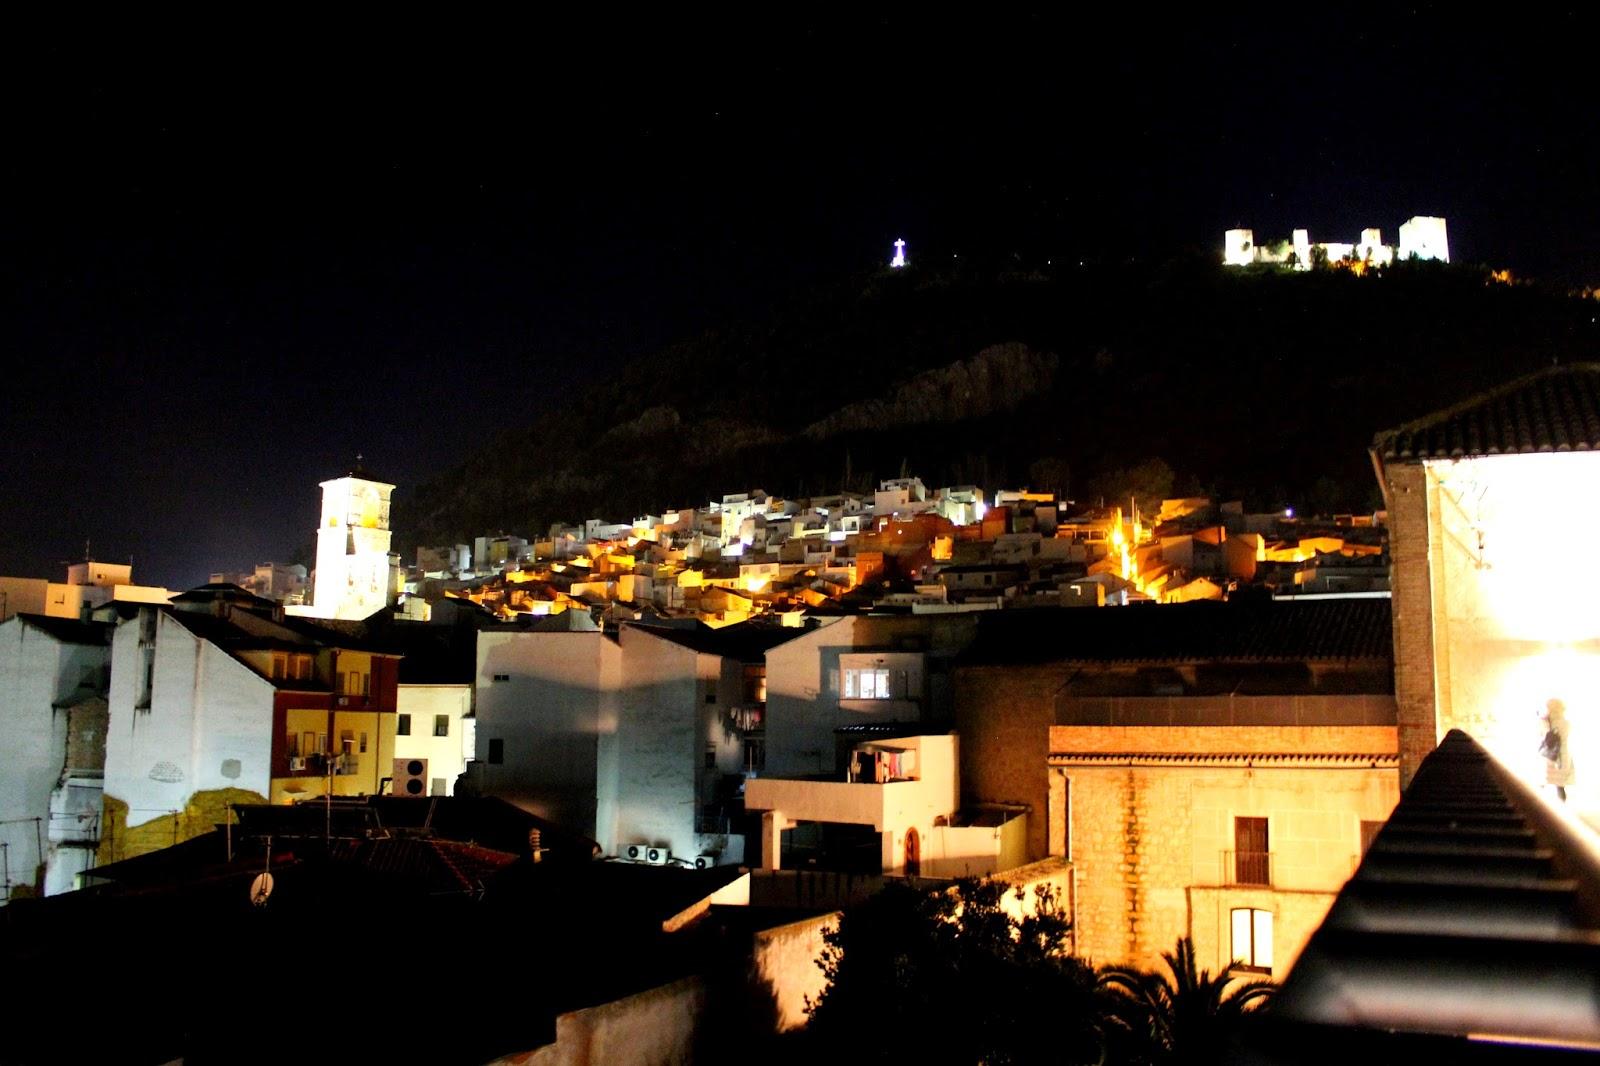 Vistas desde el ático del Palacio de Villardompardo en Jaén